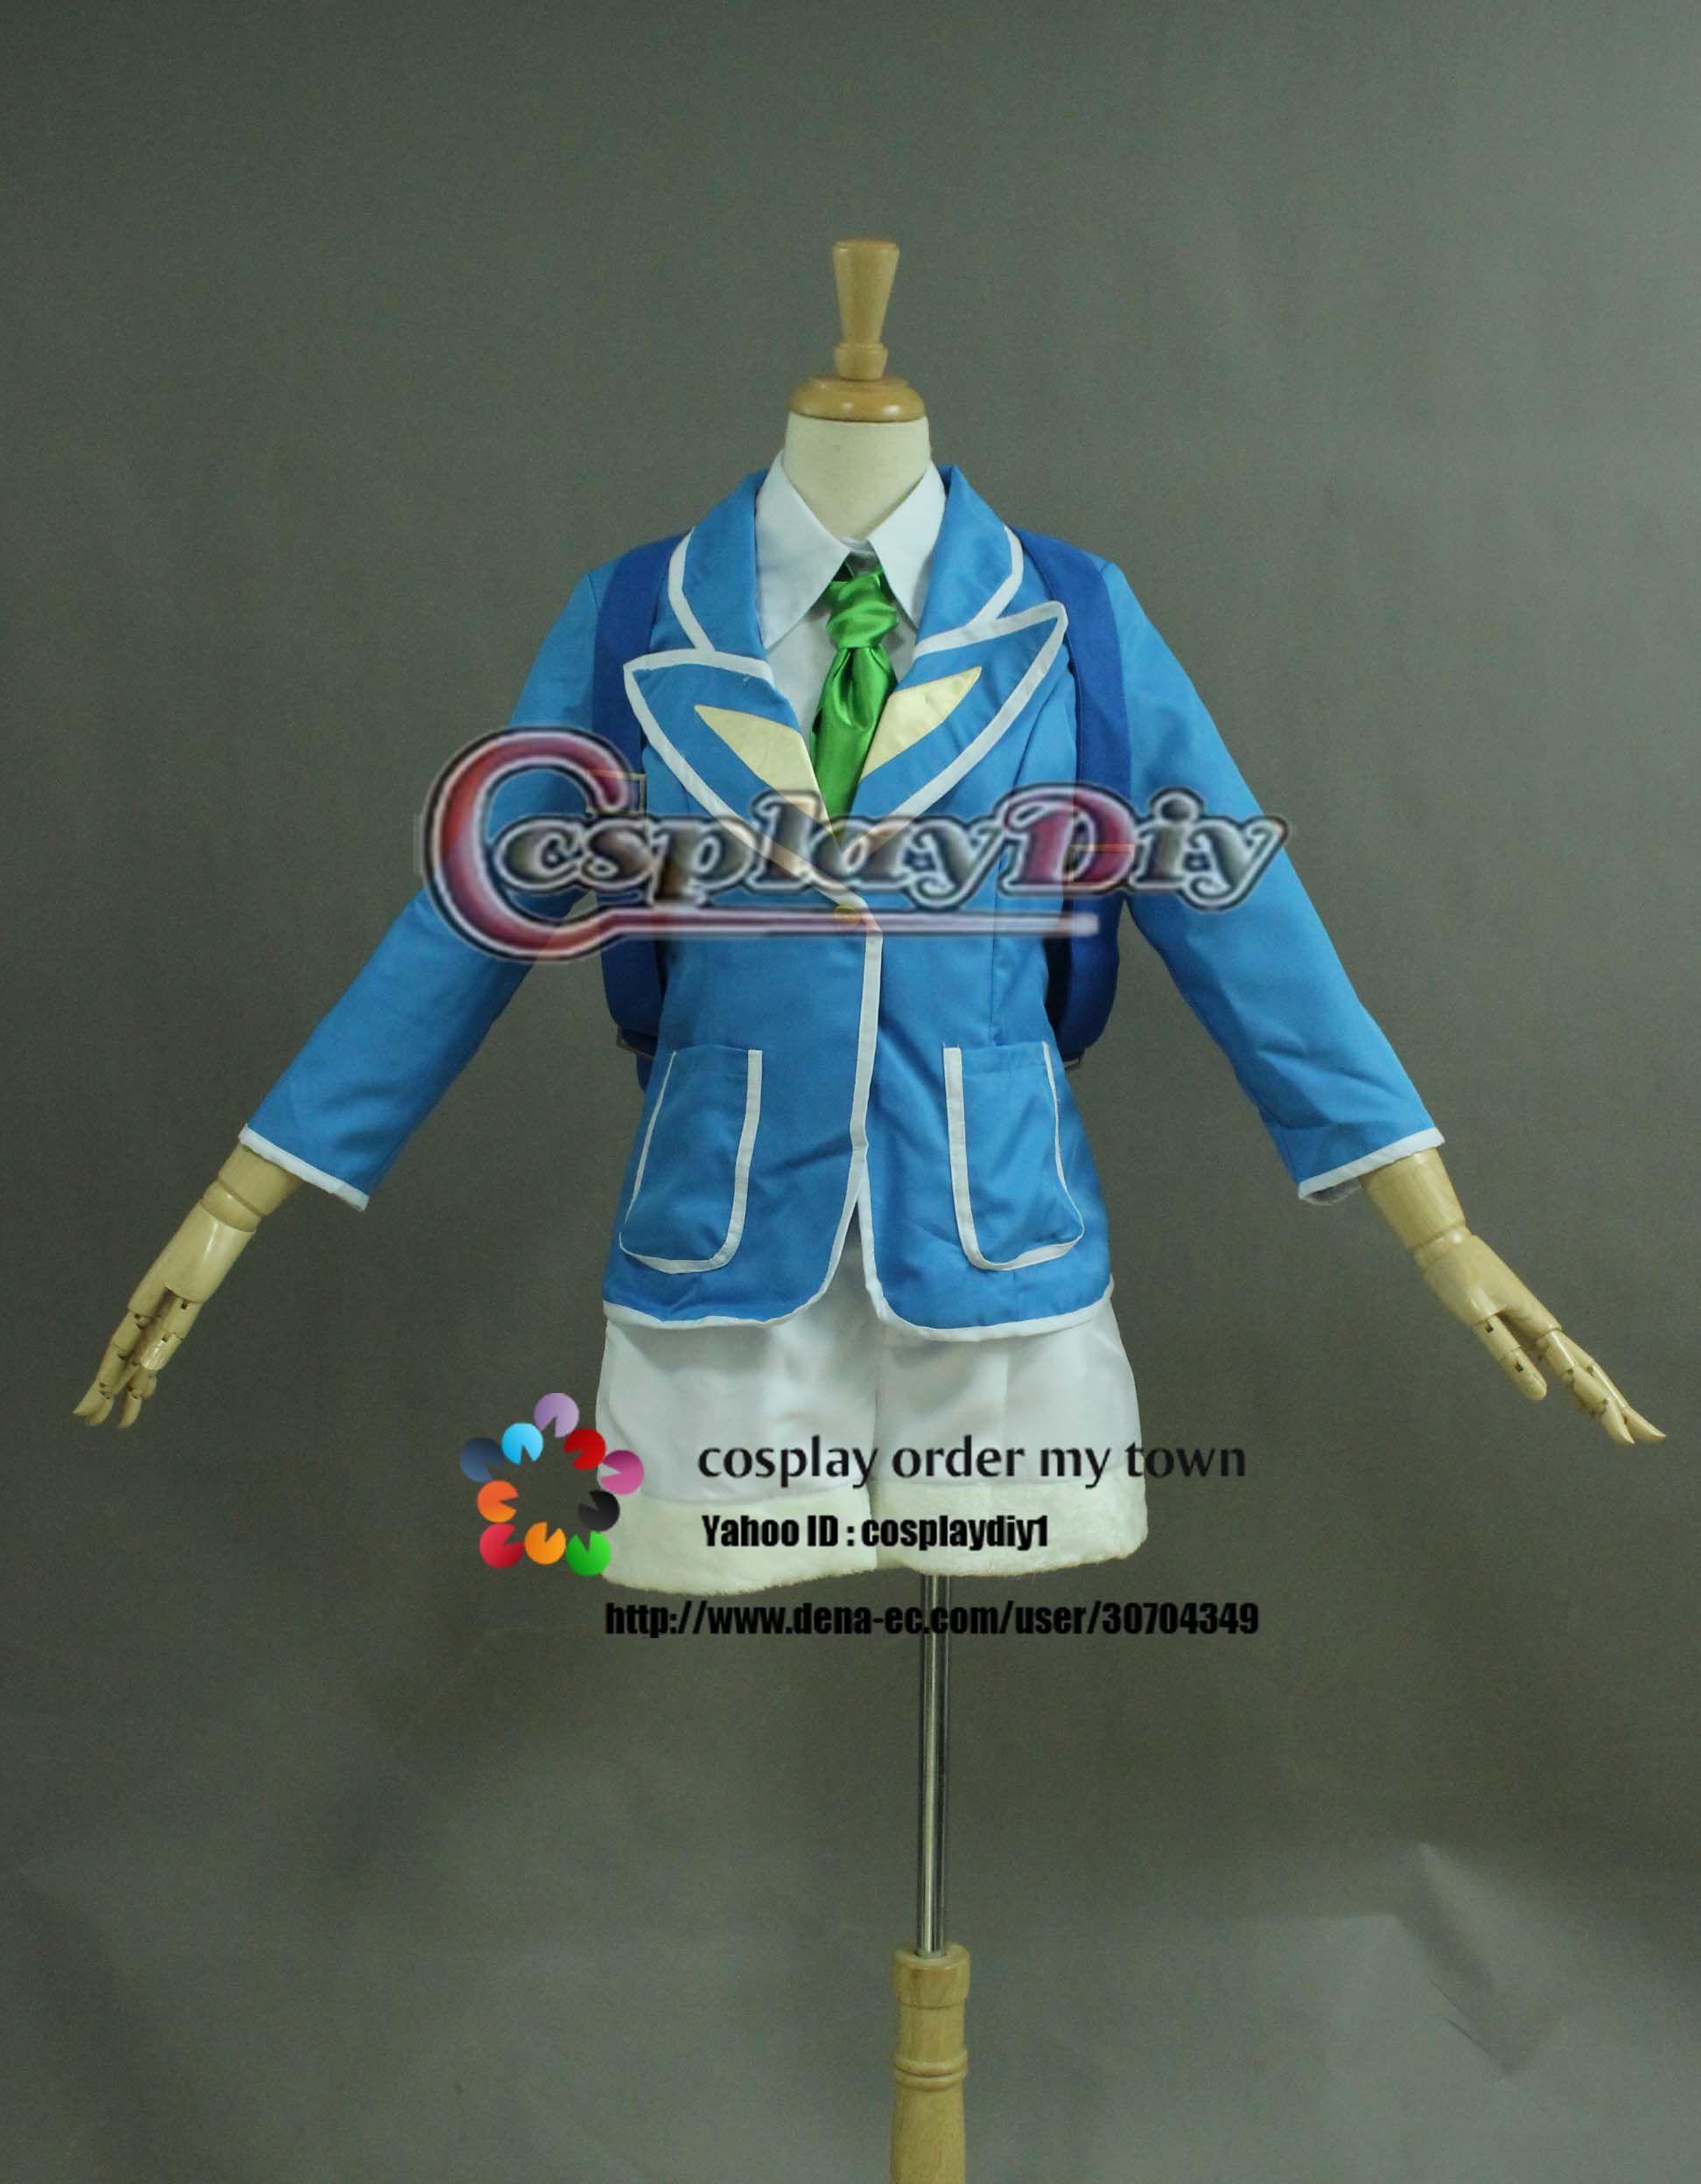 高品質 高級コスプレ衣装 ディズニーランド風 ハロウィン イースターダンサー衣装 ブルー タイプ サイズオーダー